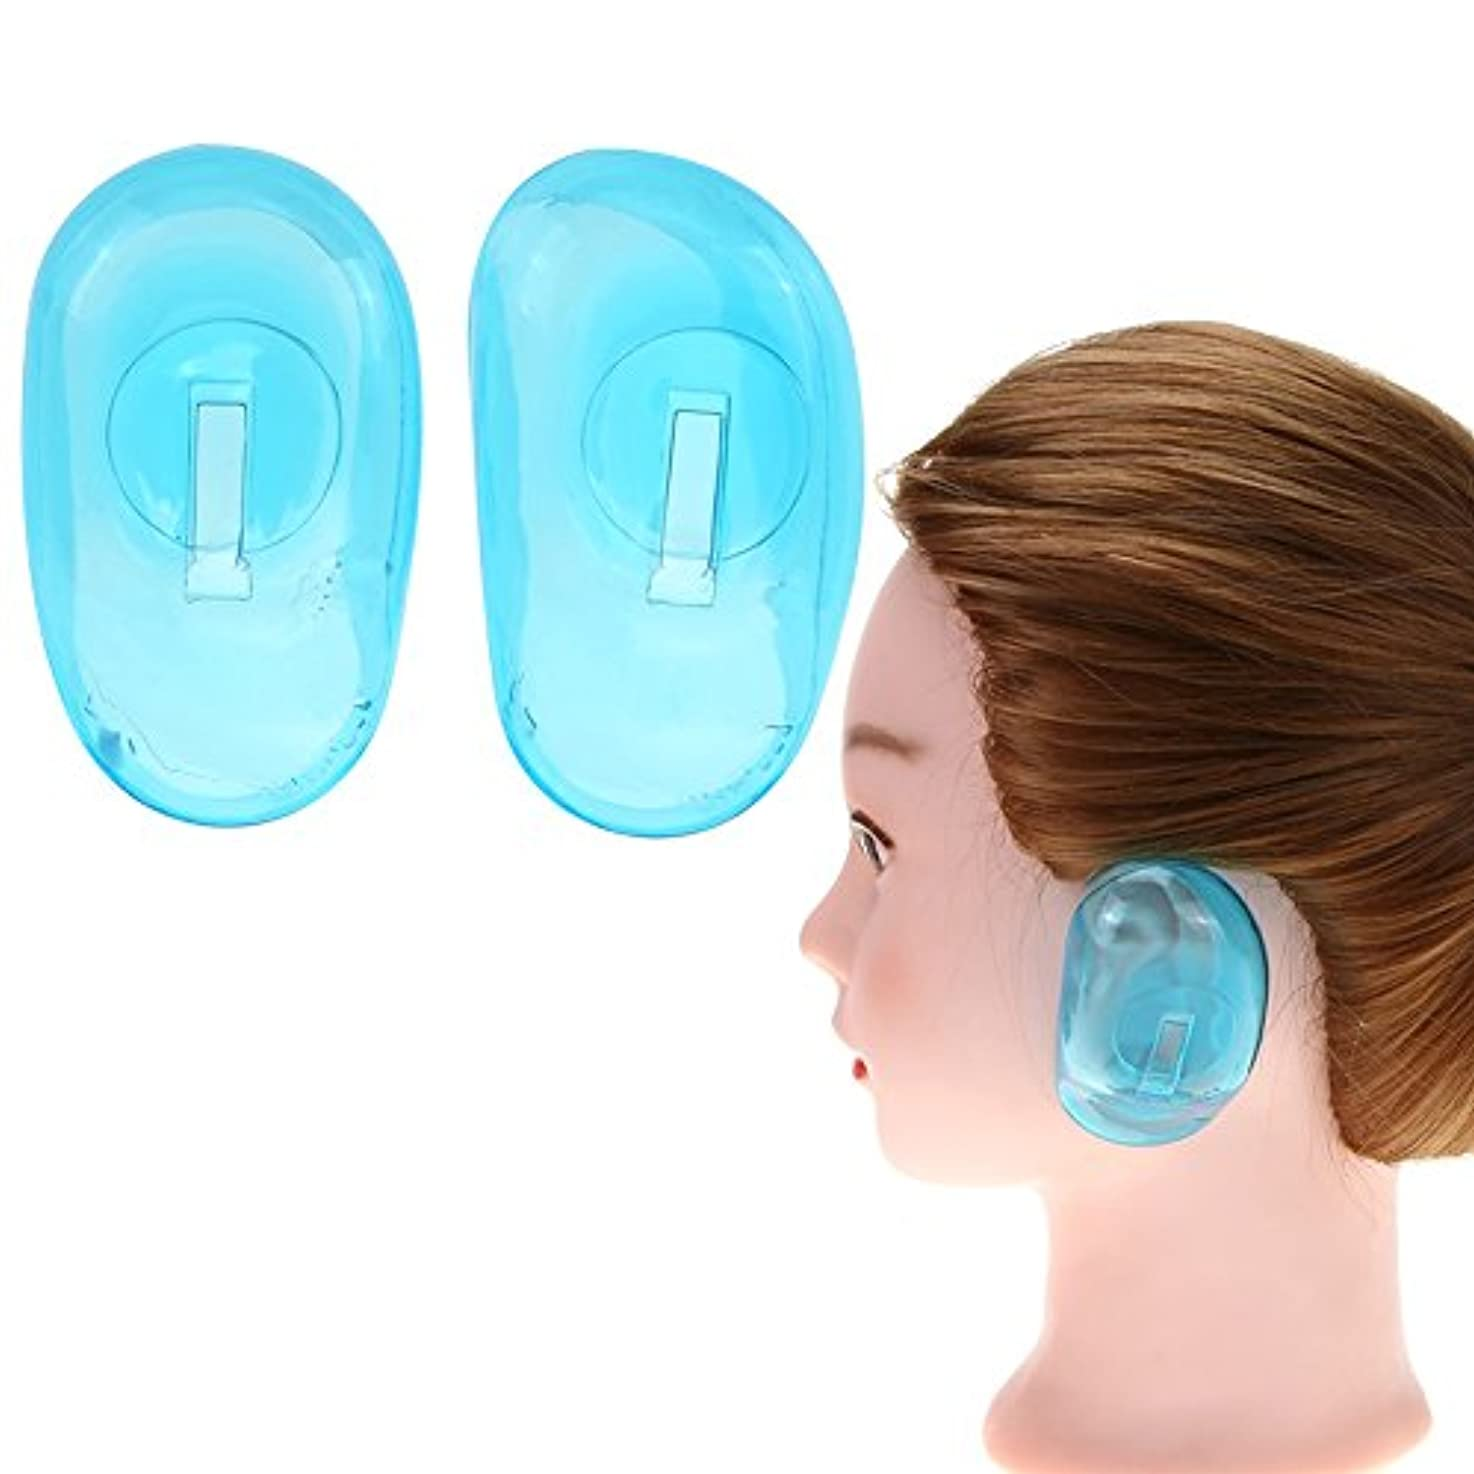 急性衝動文房具Ruier-tong 5ペア耳カバー 毛染め用 シリコン製 耳キャップ 柔らかいイヤーキャップ ヘアカラー シャワー 耳保護 ヘアケアツール サロン 洗える 繰り返す使用可能 エコ 8.5x5cm